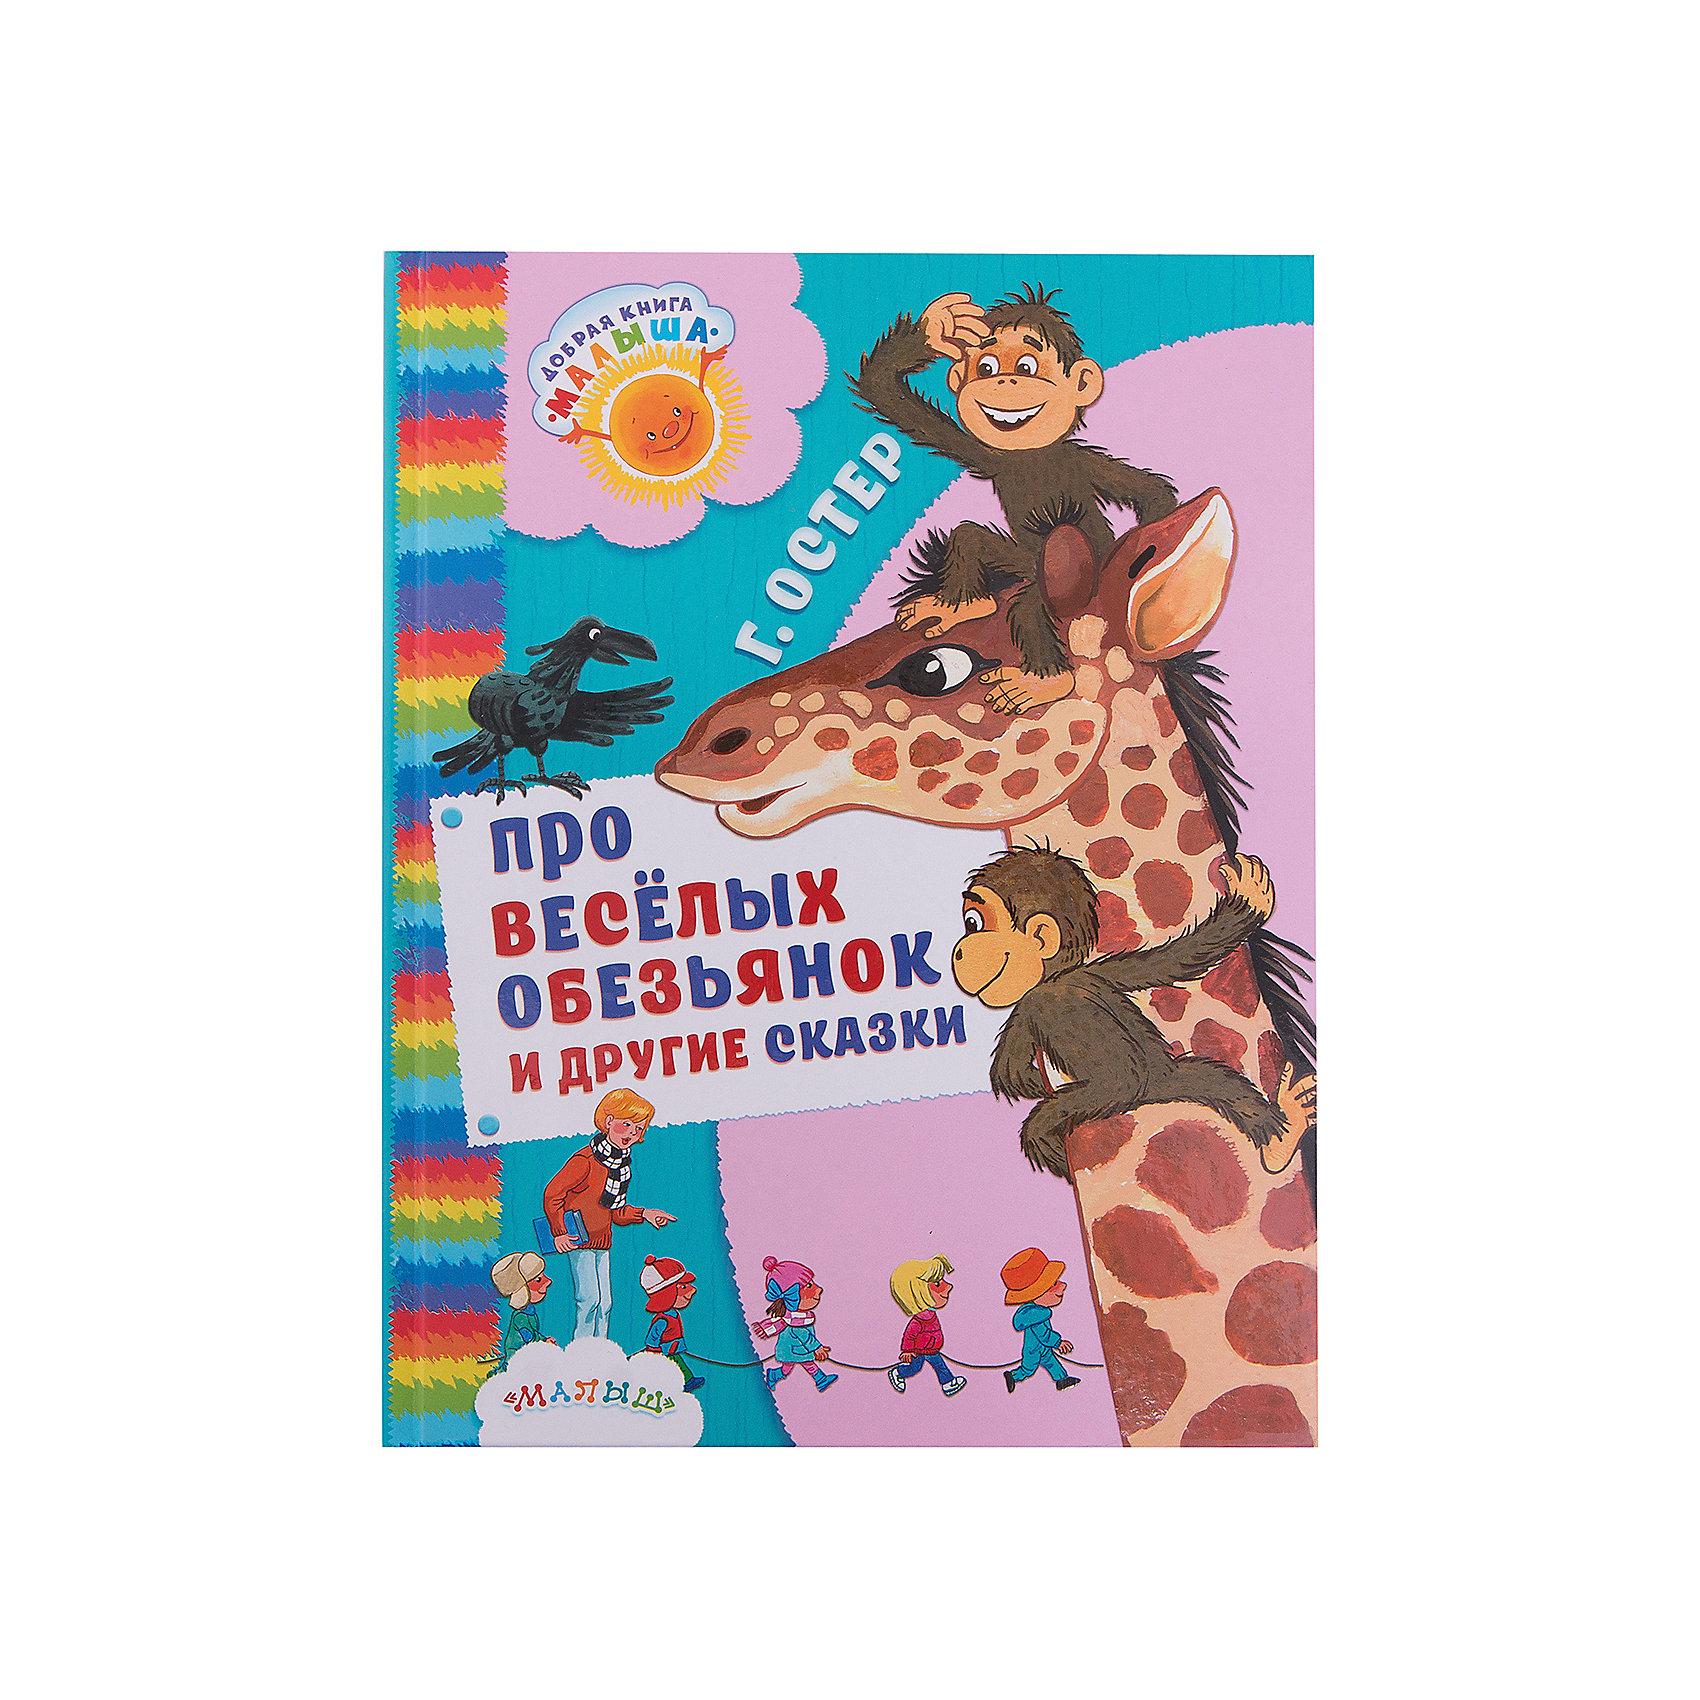 Про весёлых обезьянок и другие сказки, Г. ОстерСказки<br>Самые добрые и умные сказочные истории Григория Остера вошли в книгу «Про весёлых обезьянок и другие сказки». Герои Остера — открытые миру, дружелюбные, озорные малыши — котёнок Гав, обезьянки младшего возраста, удав, попугай, слонёнок и мартышка. Хорошо иметь таких друзей в детском саду!<br>Для дошкольного возраста.<br><br>Ширина мм: 255<br>Глубина мм: 197<br>Высота мм: 160<br>Вес г: 679<br>Возраст от месяцев: 12<br>Возраст до месяцев: 36<br>Пол: Унисекс<br>Возраст: Детский<br>SKU: 6848271